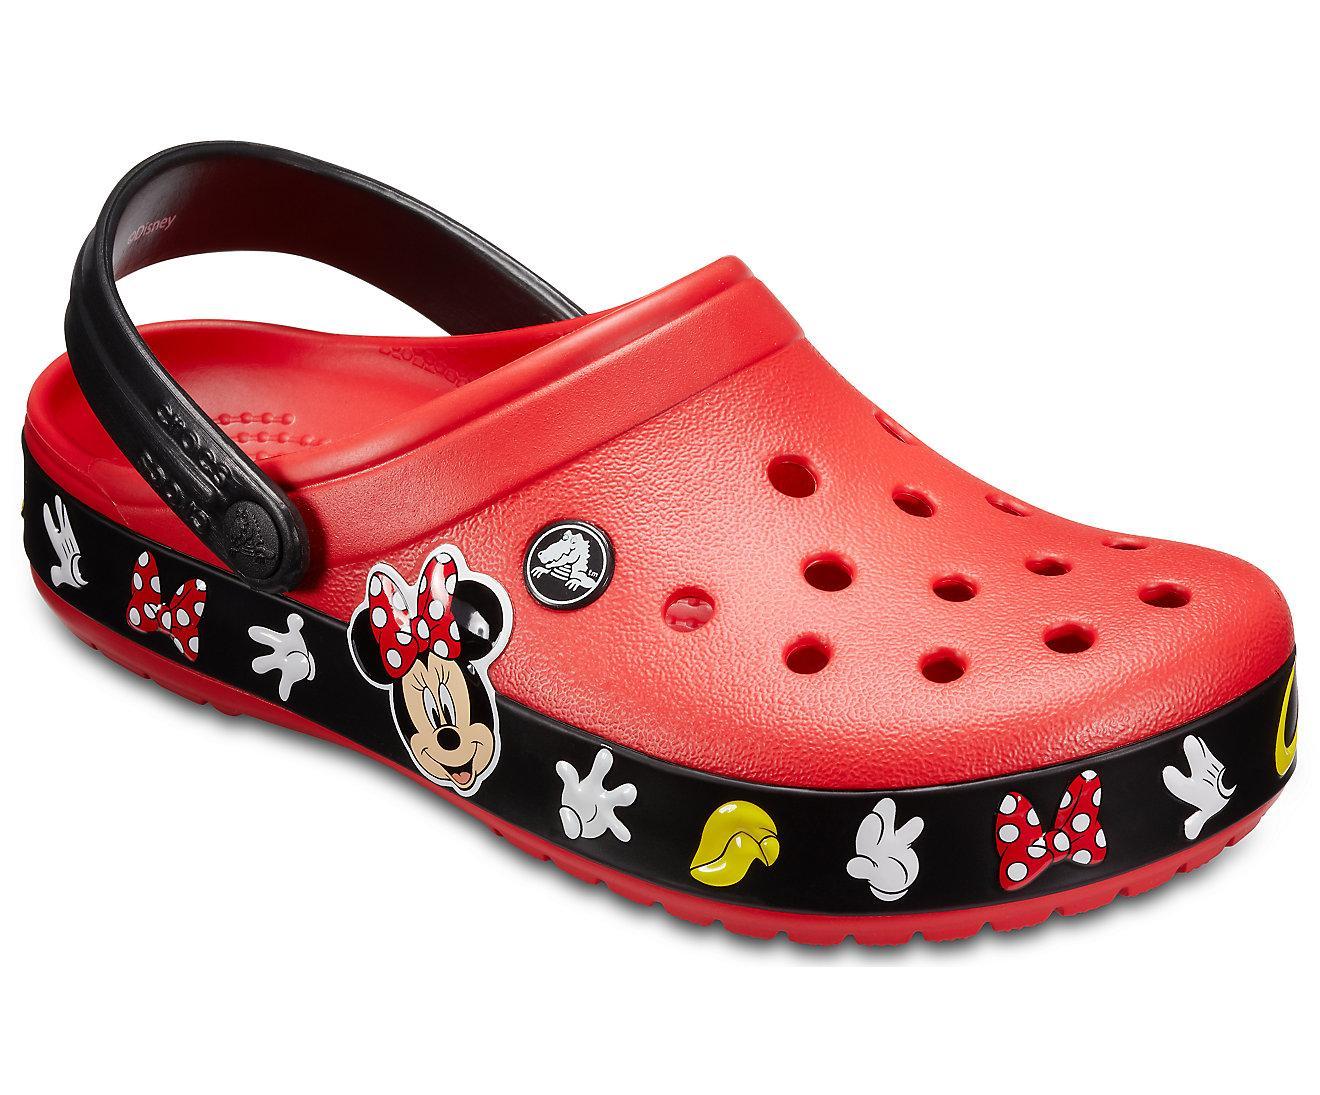 Crocs Shoes Pre-Black Friday Sale: 50